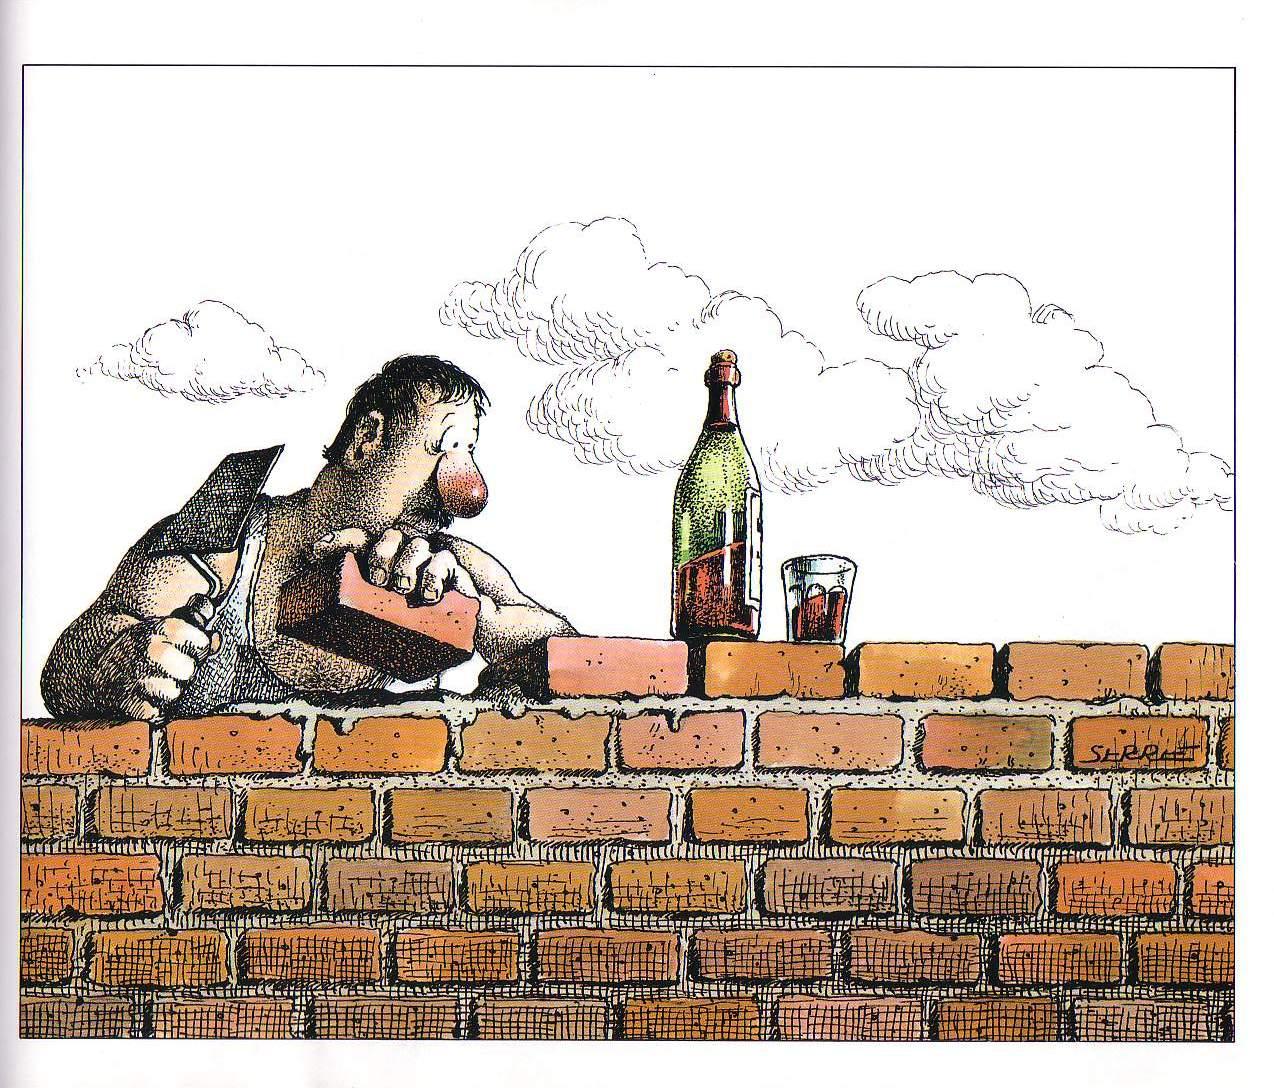 Прикольные картинки на тему строителей, байки картинки